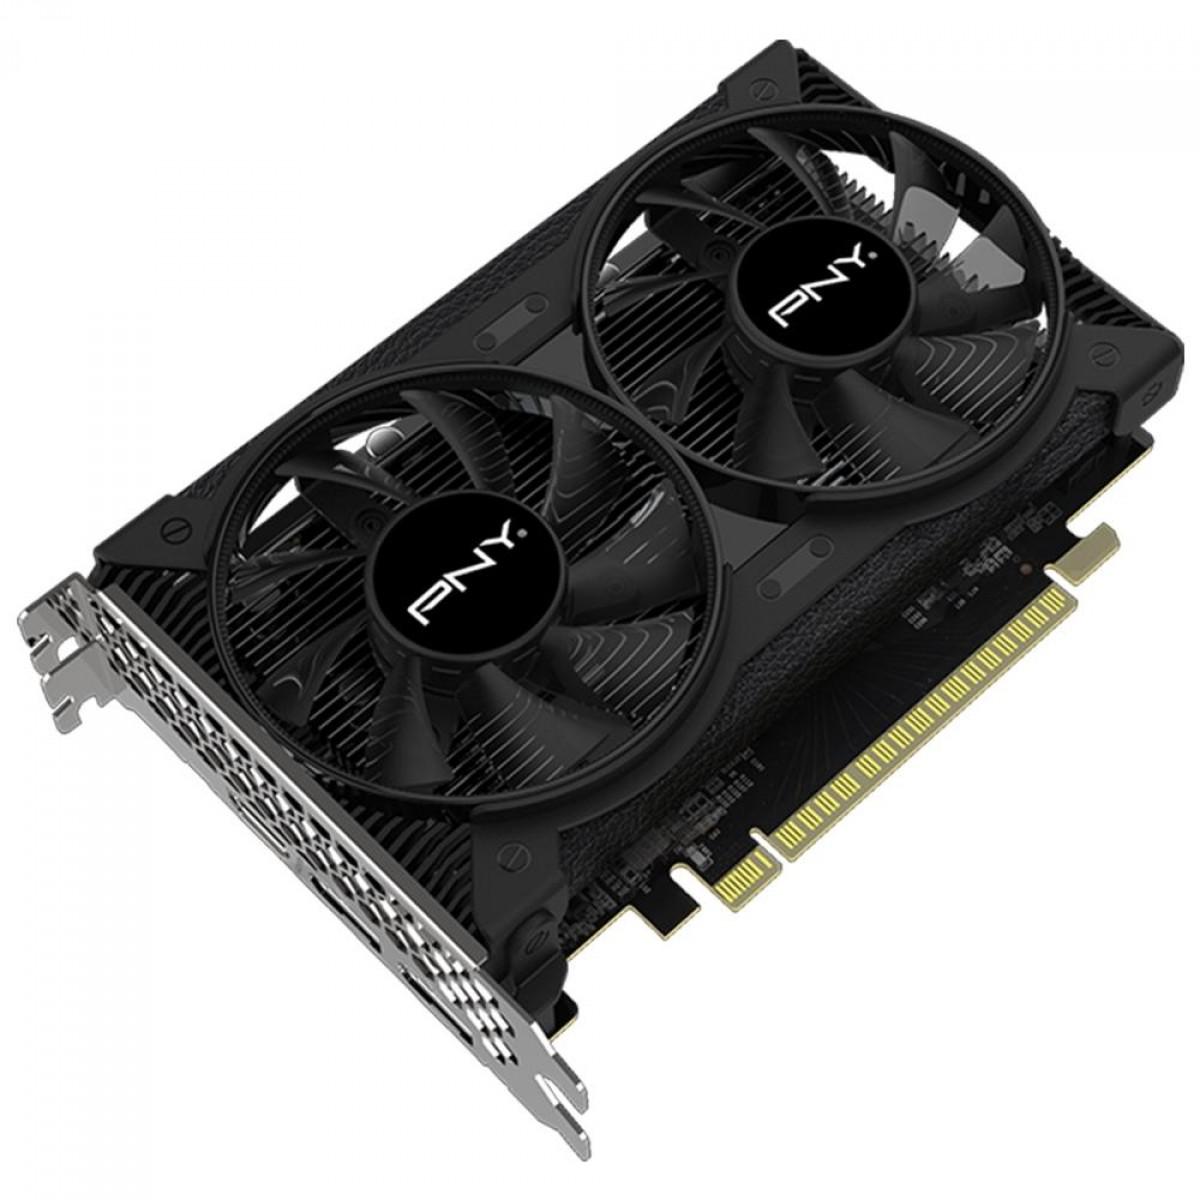 Placa de Vídeo PNY, GeForce, GTX 1650, 4GB, GDDR6, 128Bit, VCG16504D6DFPPB